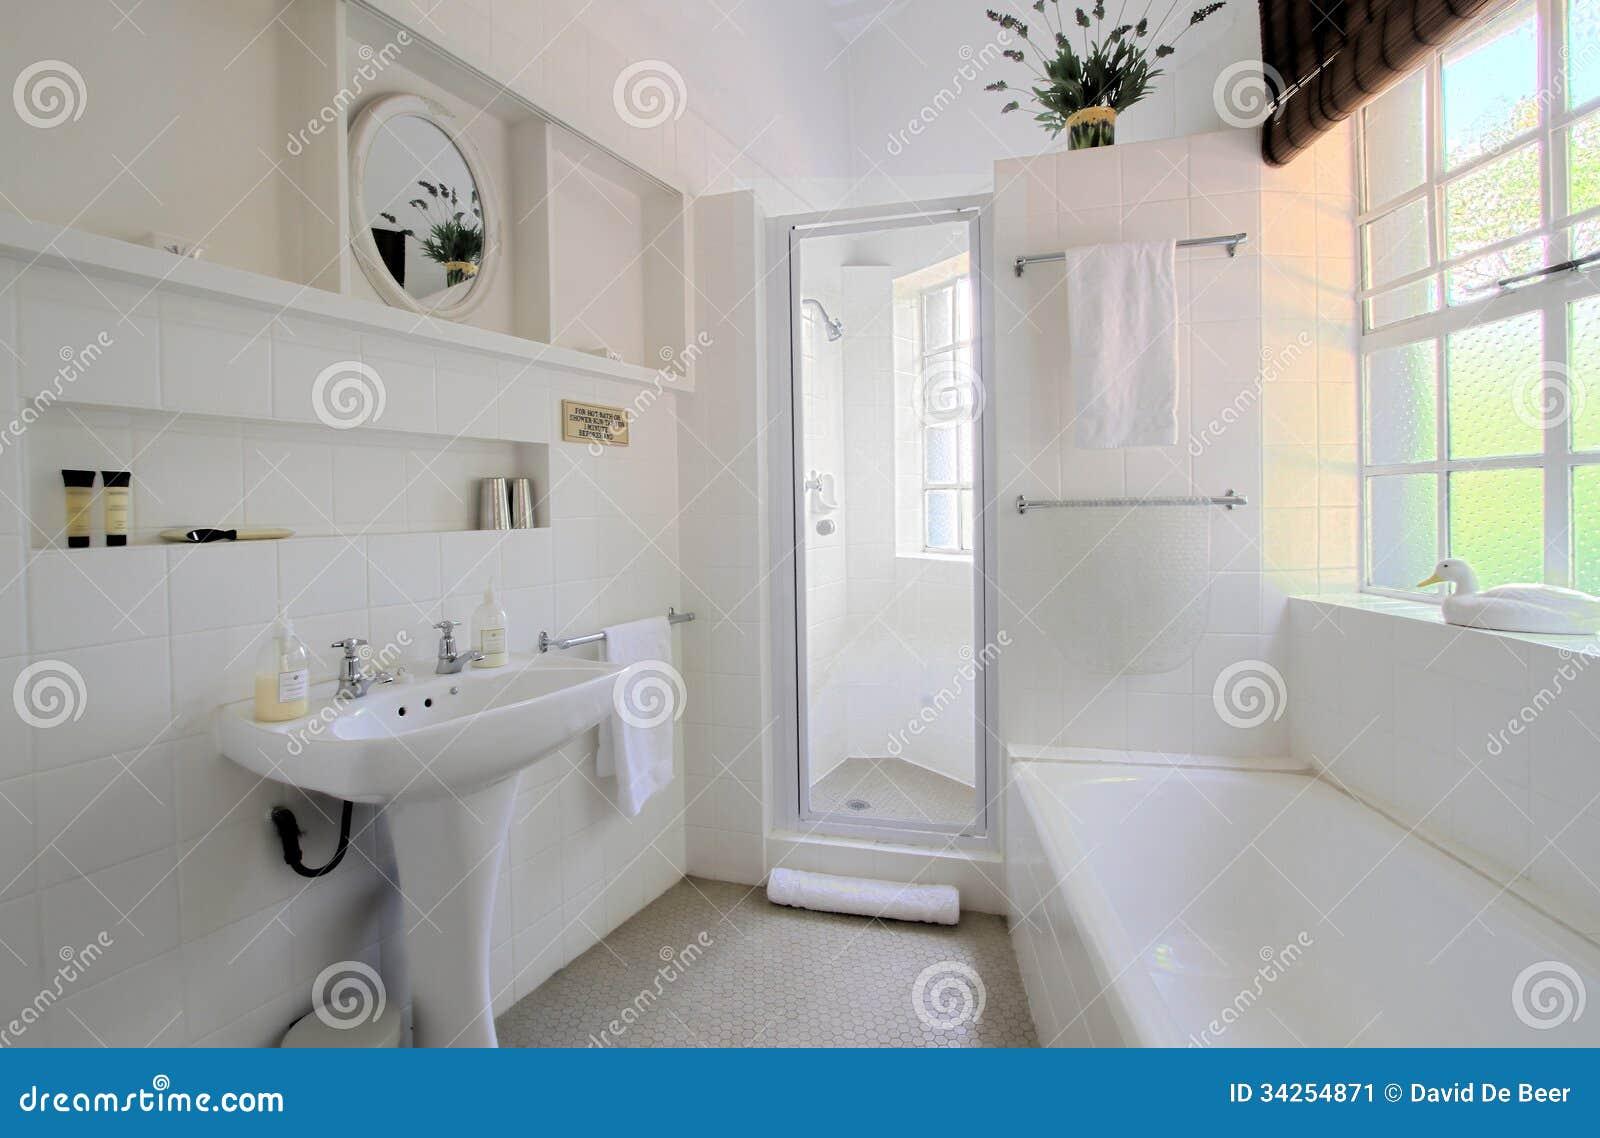 Vitt badrum fotografering för bildbyråer   bild: 34254871